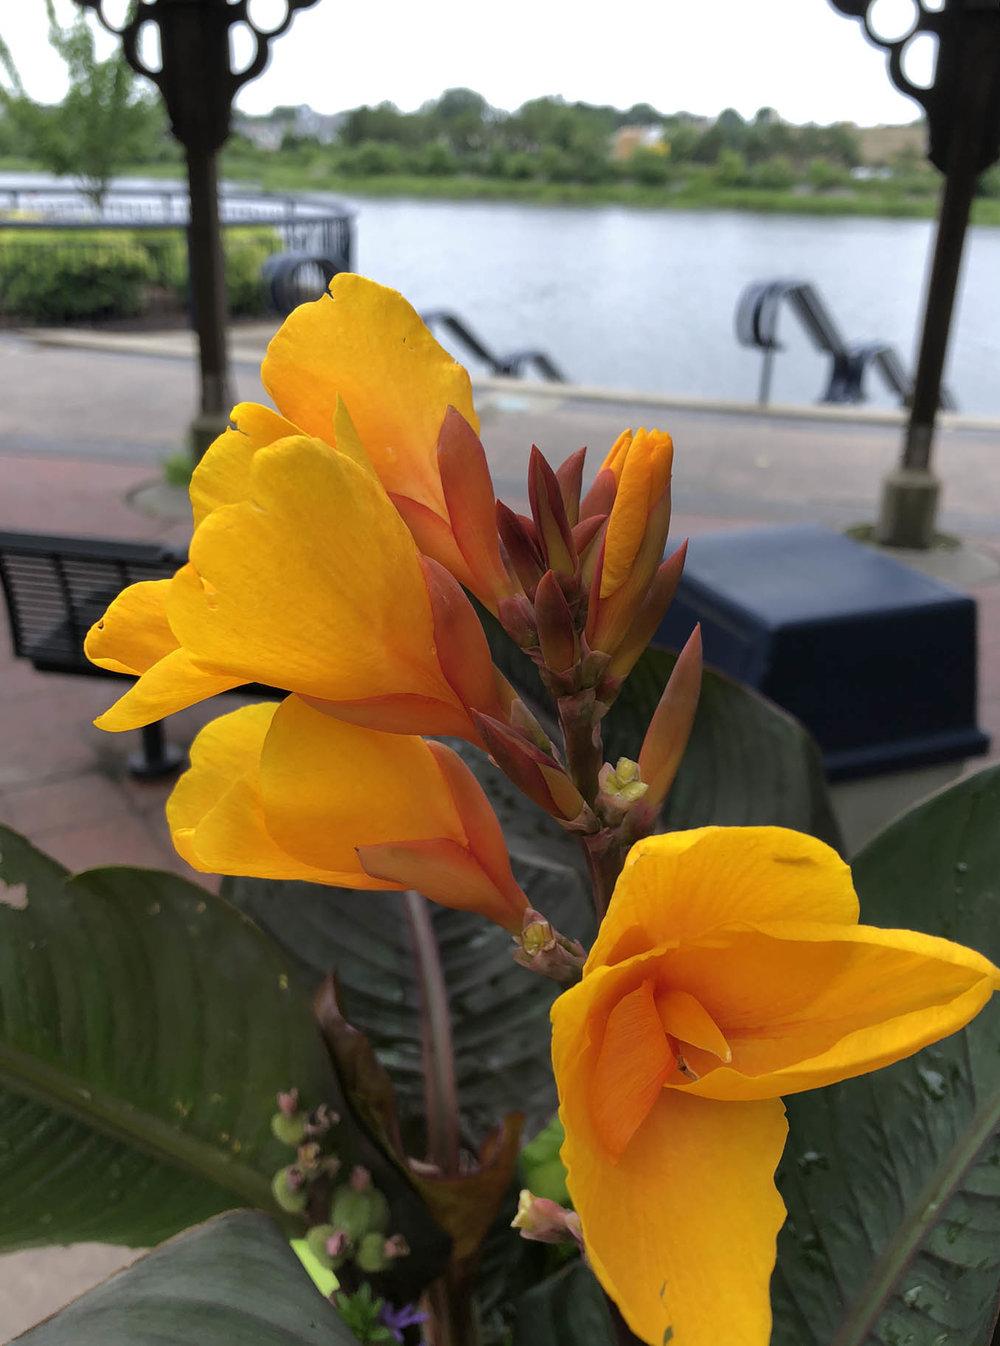 10 flora at the aquarium.JPG